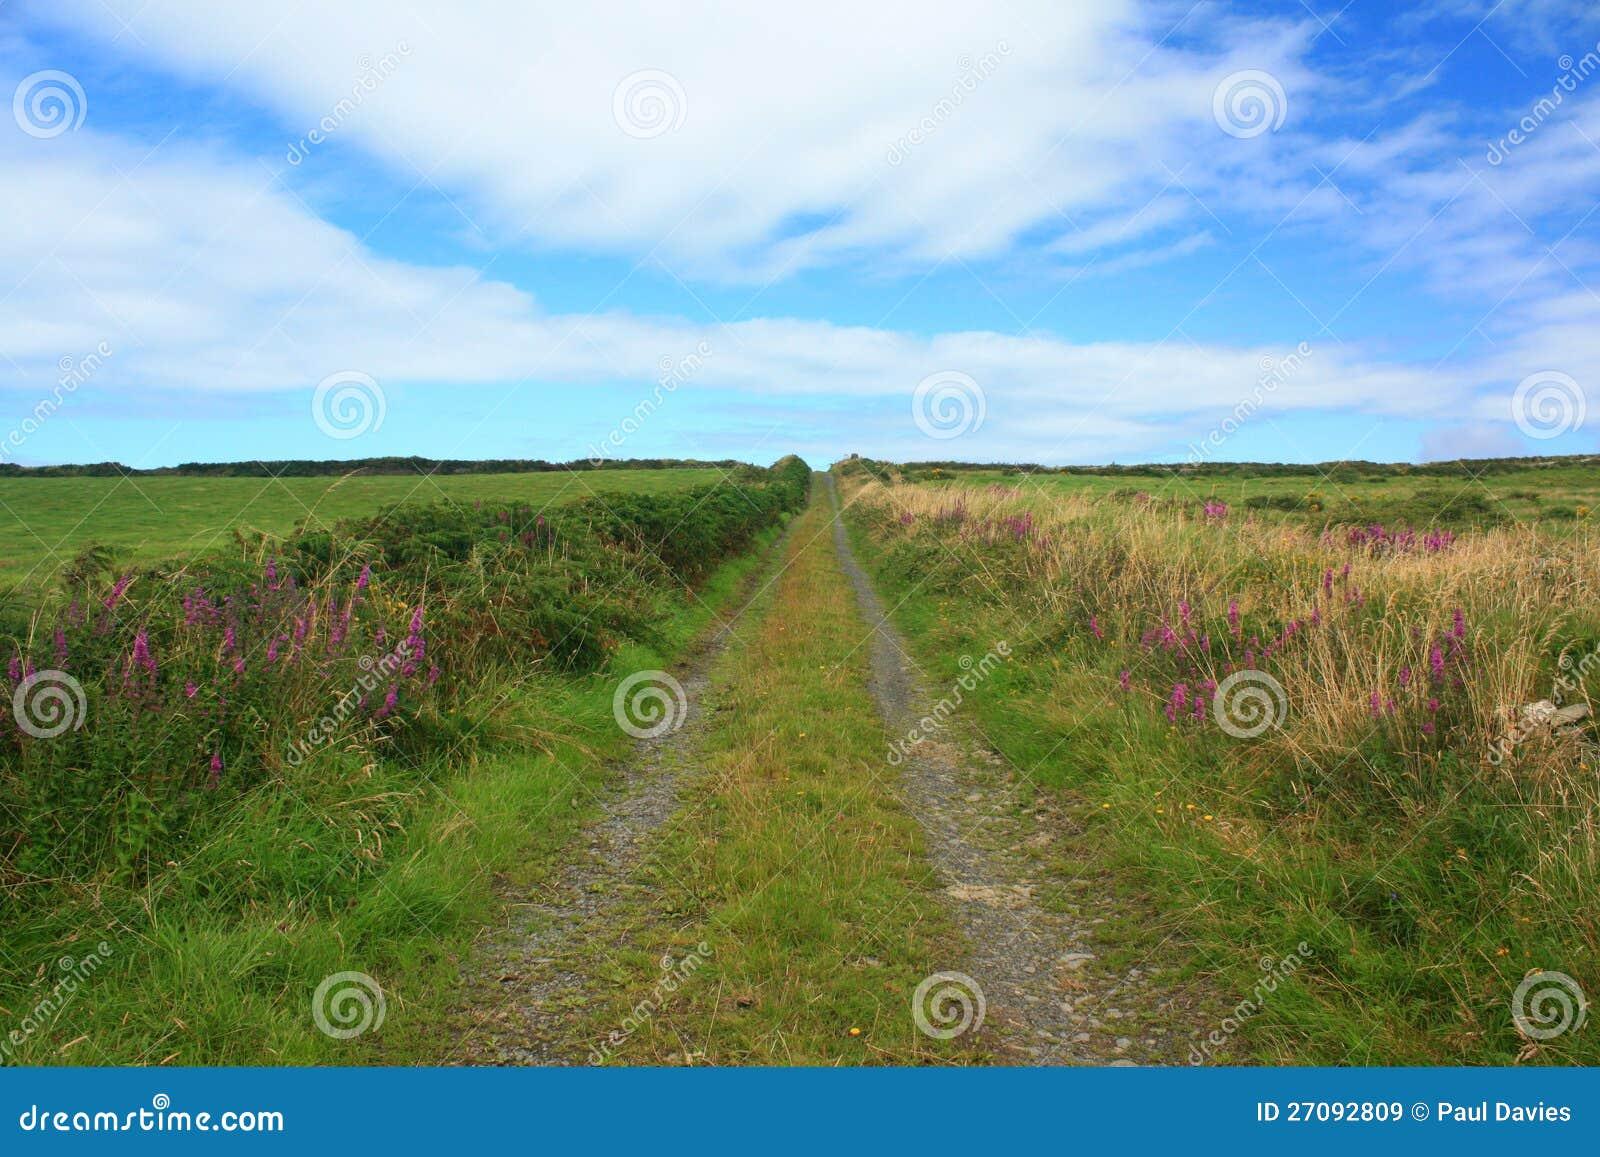 国家(地区)运输路线,爱尔兰